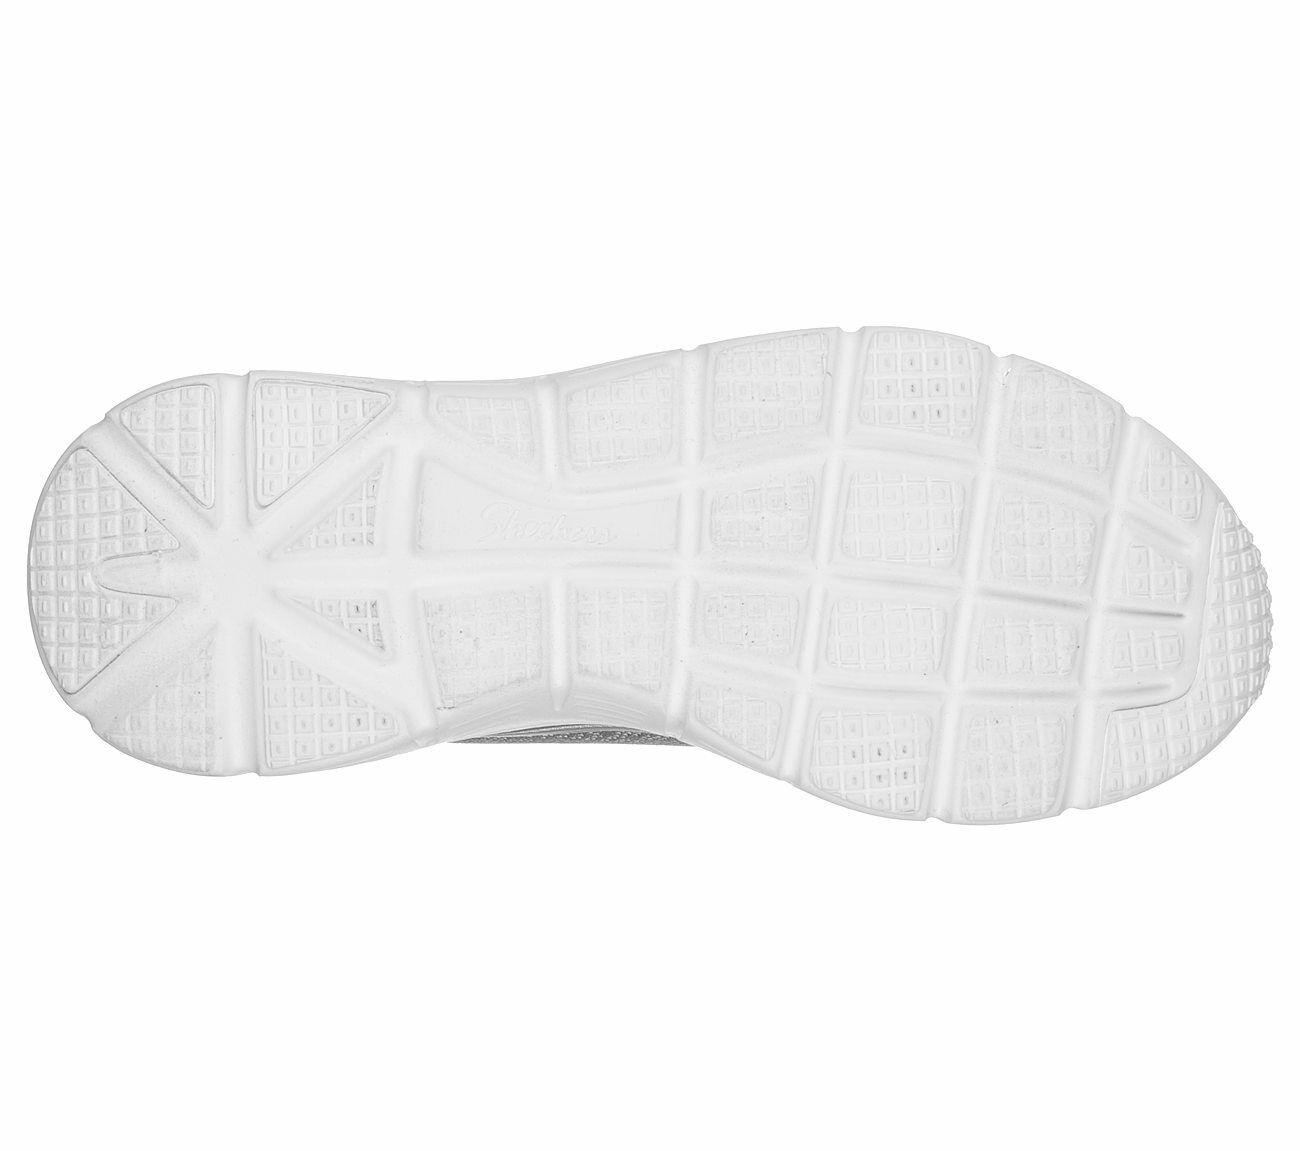 SKECHERS 12719 MODE ADAPTÉ BOLD LIMITES Memory shoes shoes shoes pour women sportif 641138